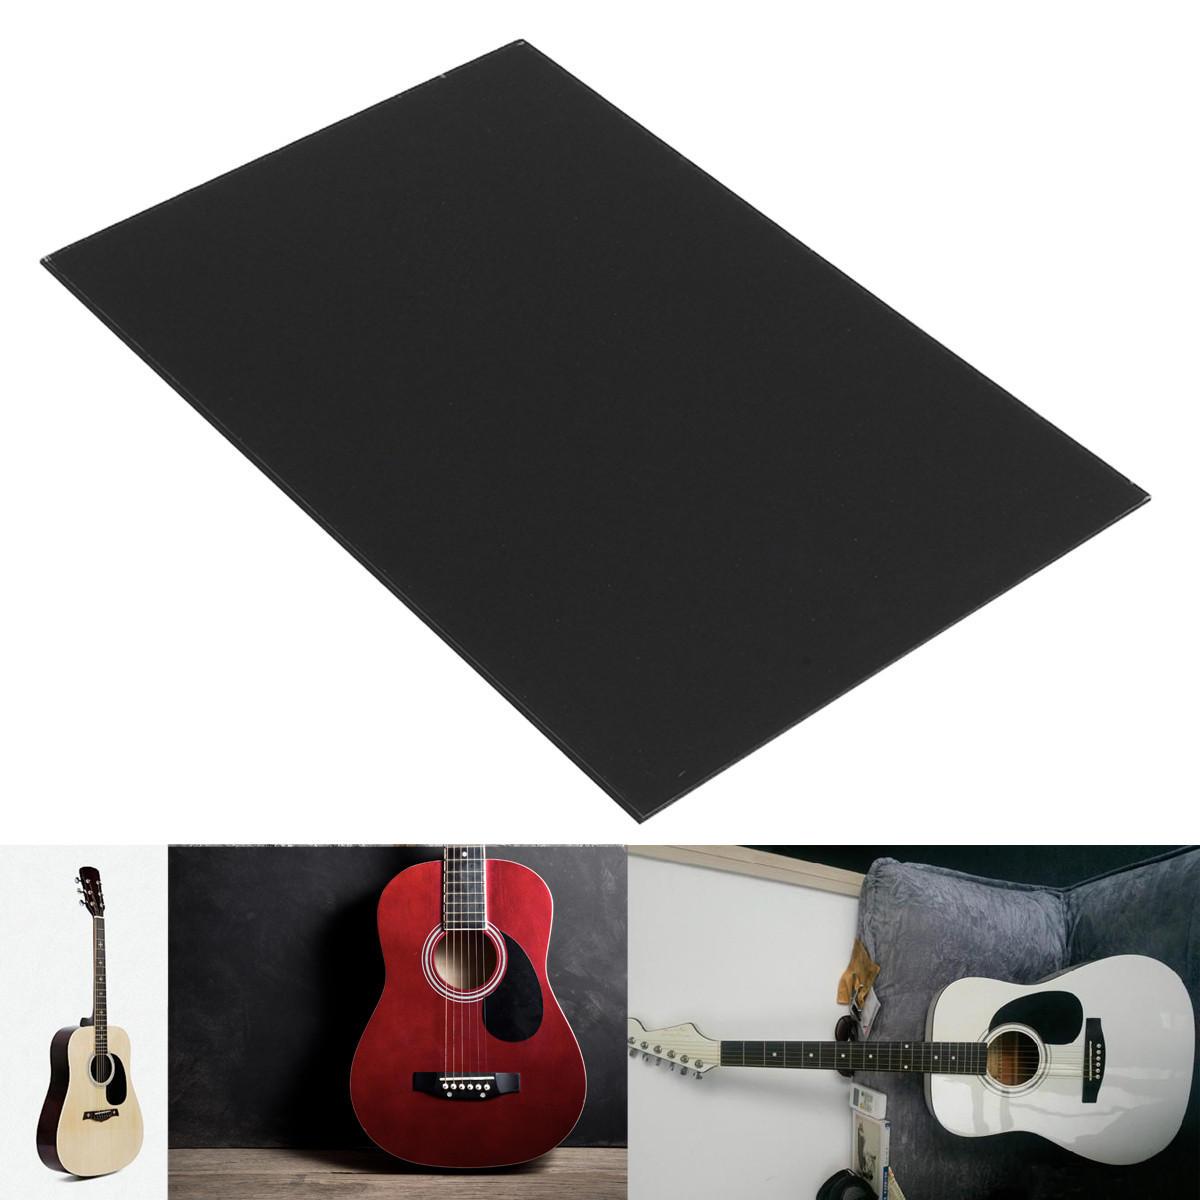 1-Ply Guitar Bass Pickguard Plate Blank Matériau Noir